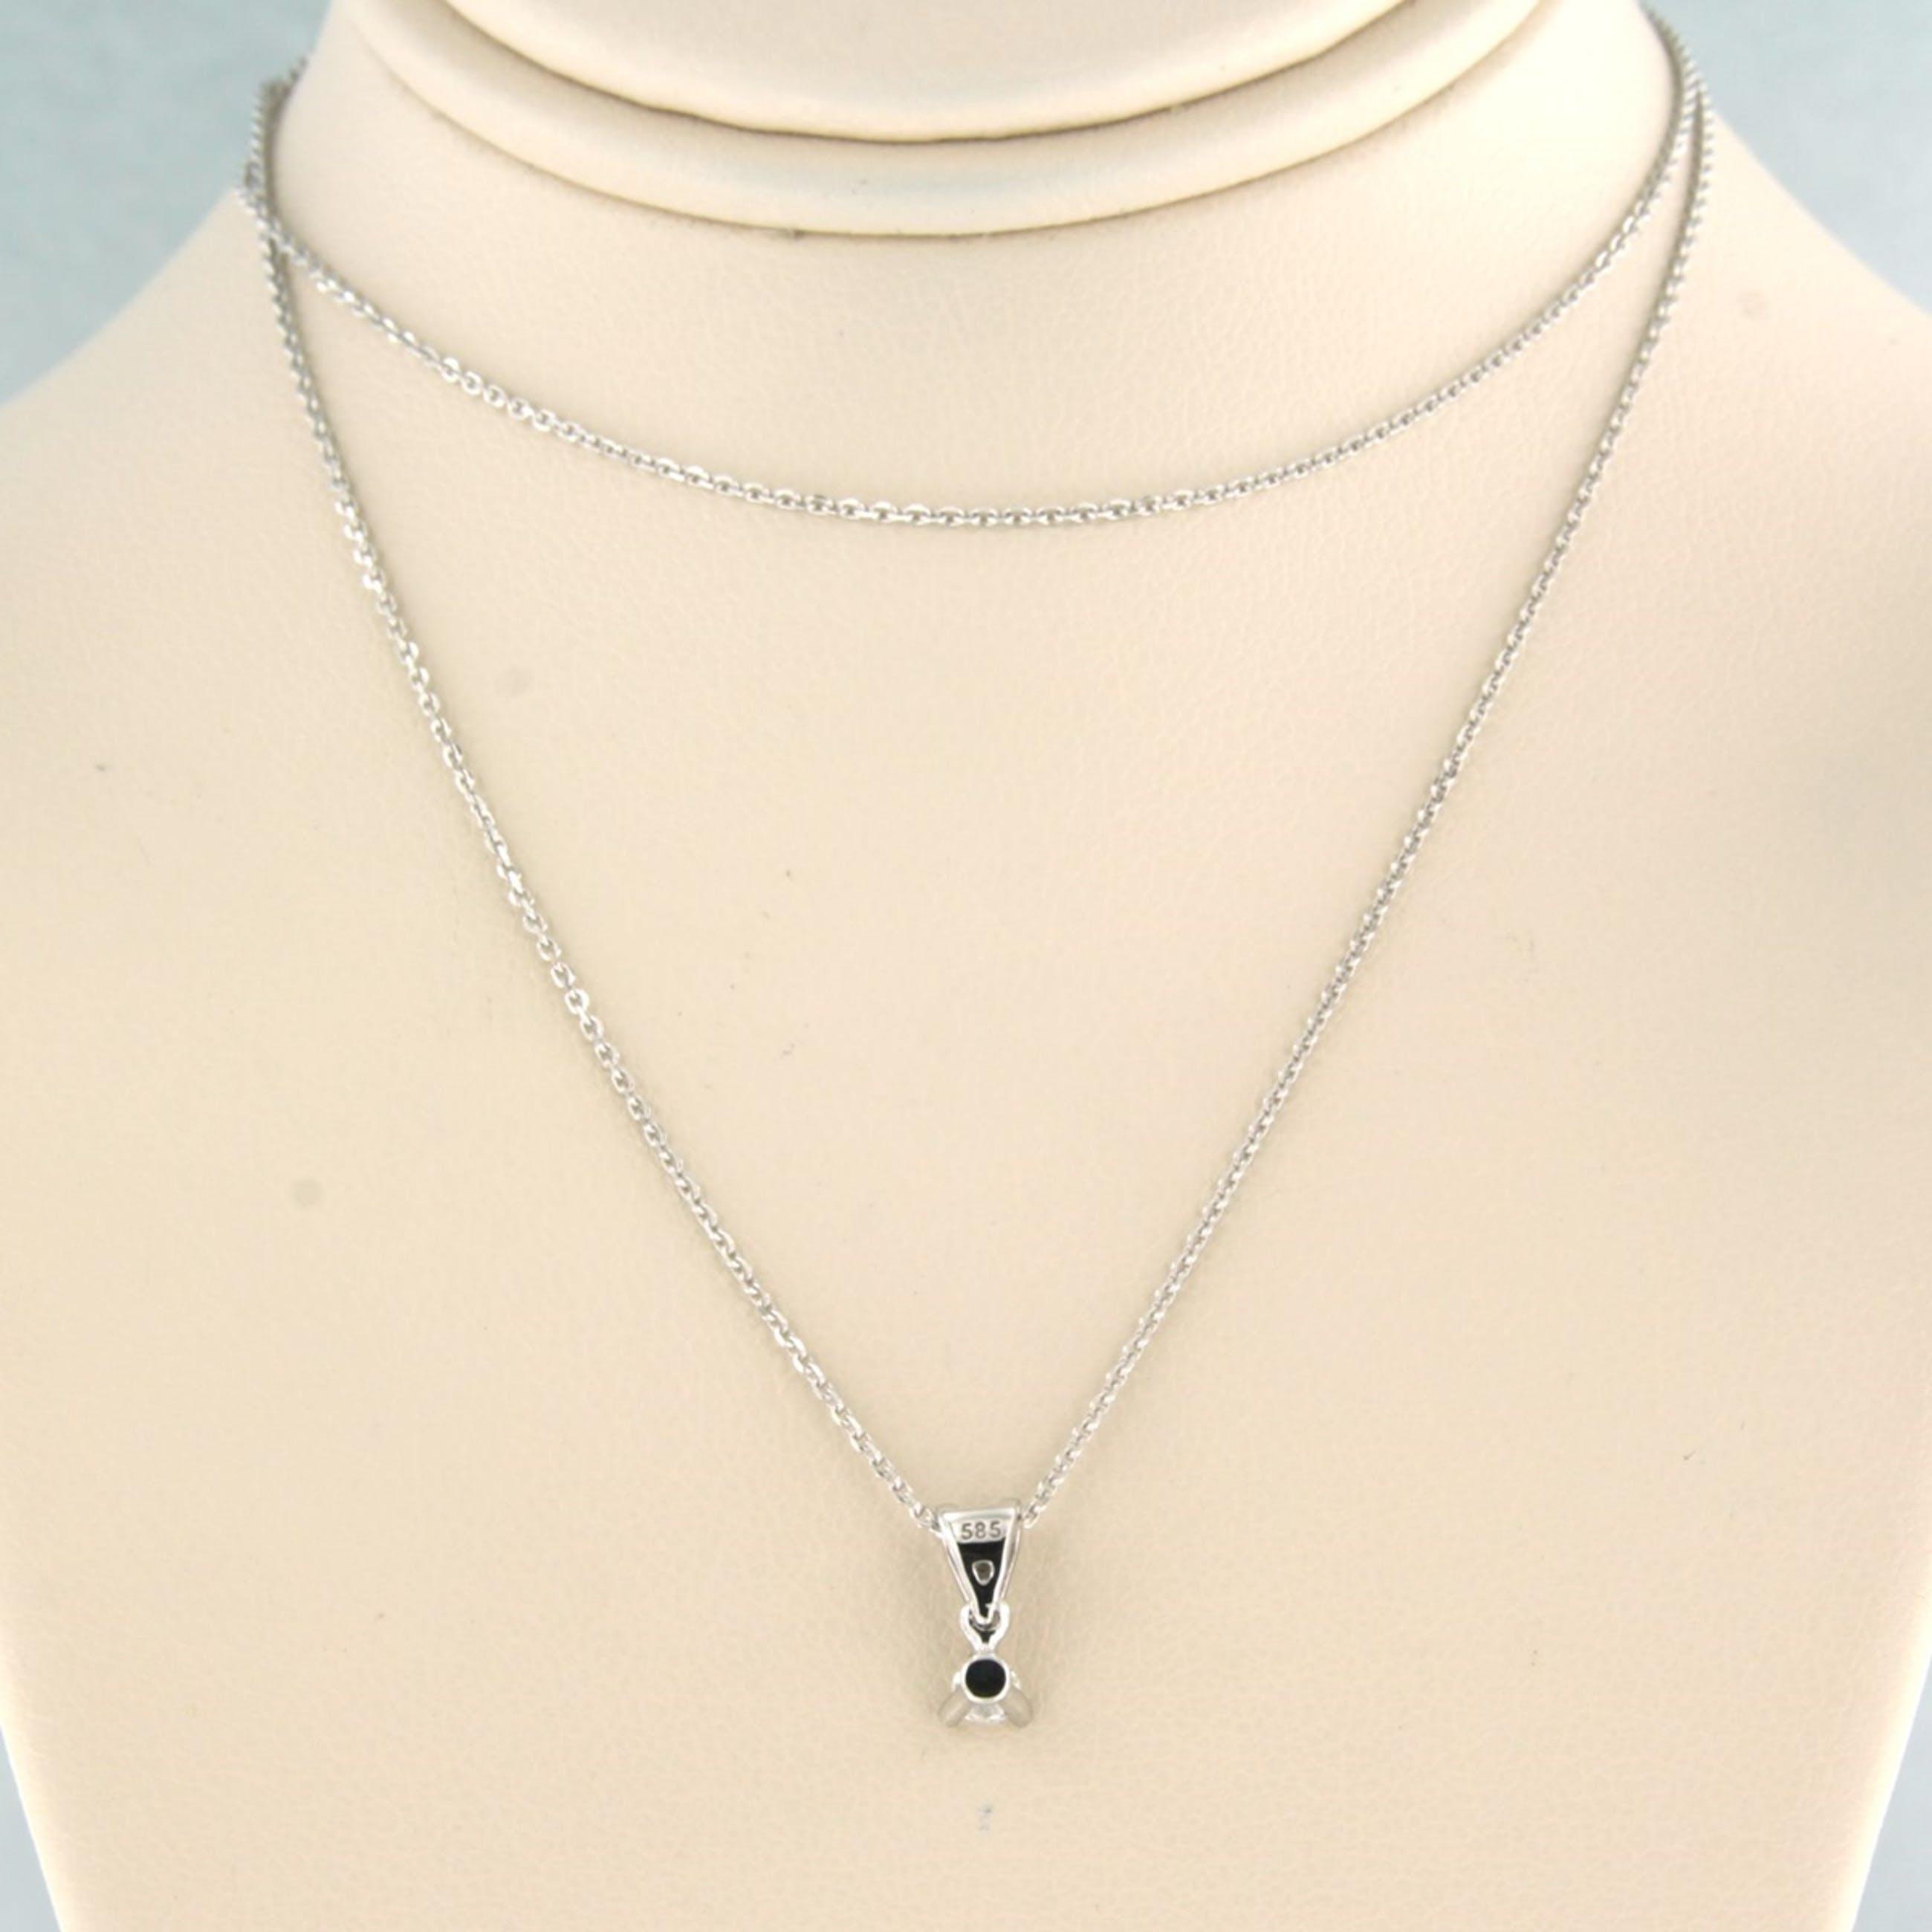 14k collier met solitair hanger bezet met briljant geslepen diamant 0,08ct kopen? Bied vanaf 160!